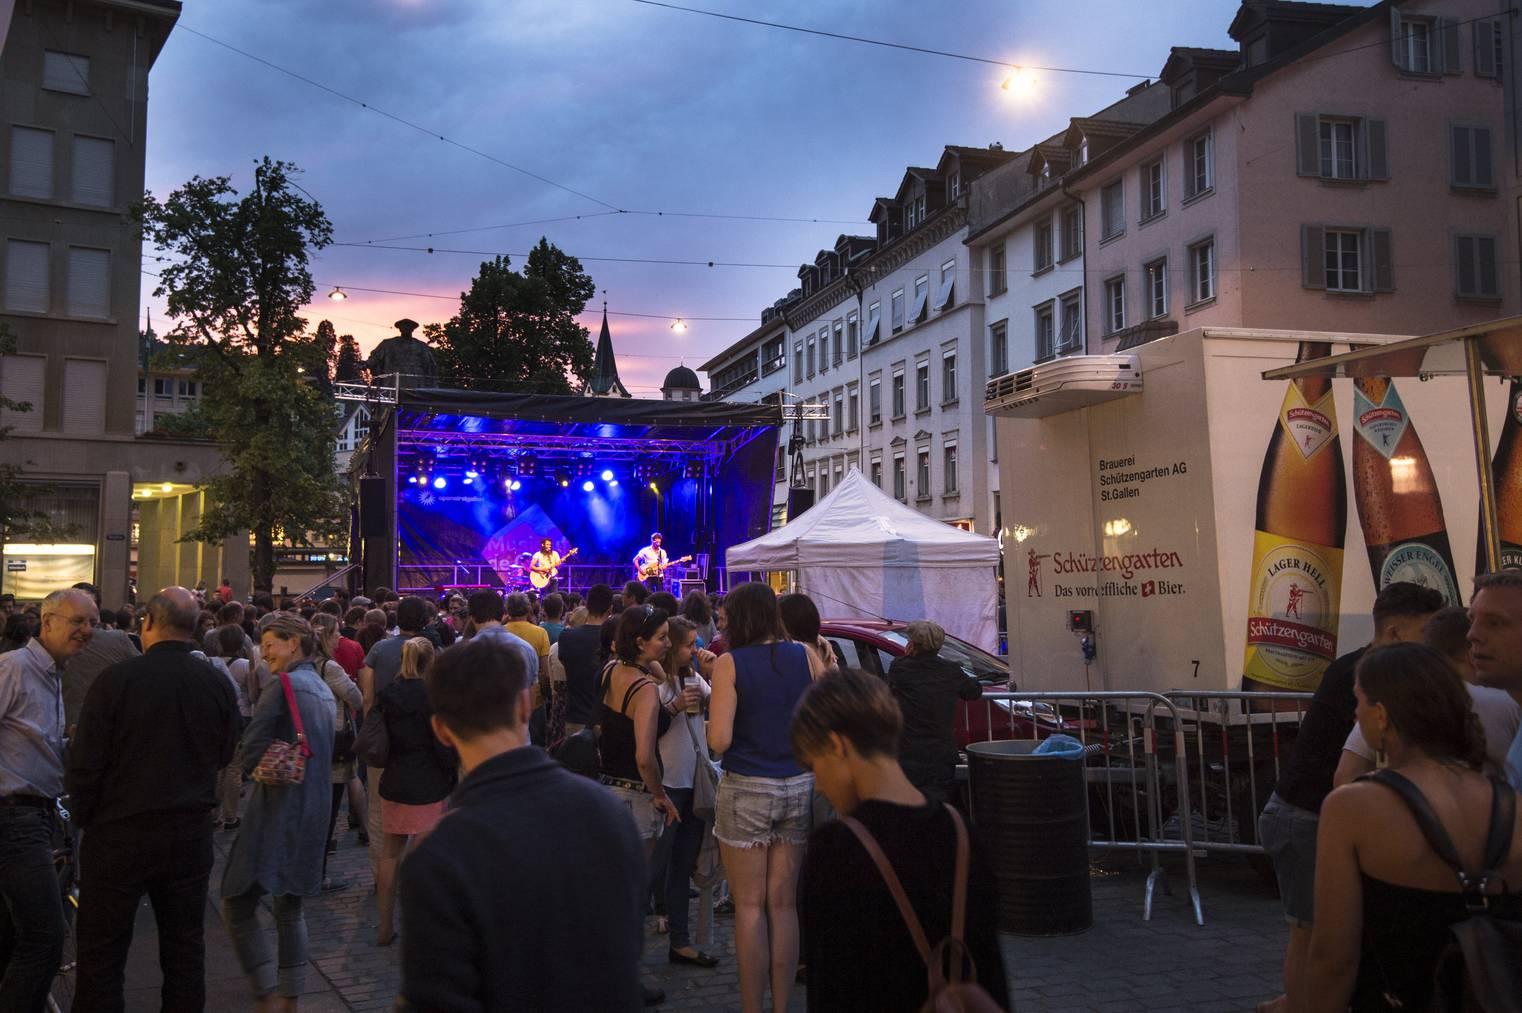 Traumwetter und gute Musik in St.Gallen. (Archivbild: Peer Füglistaller / St.Galler Tagblatt)